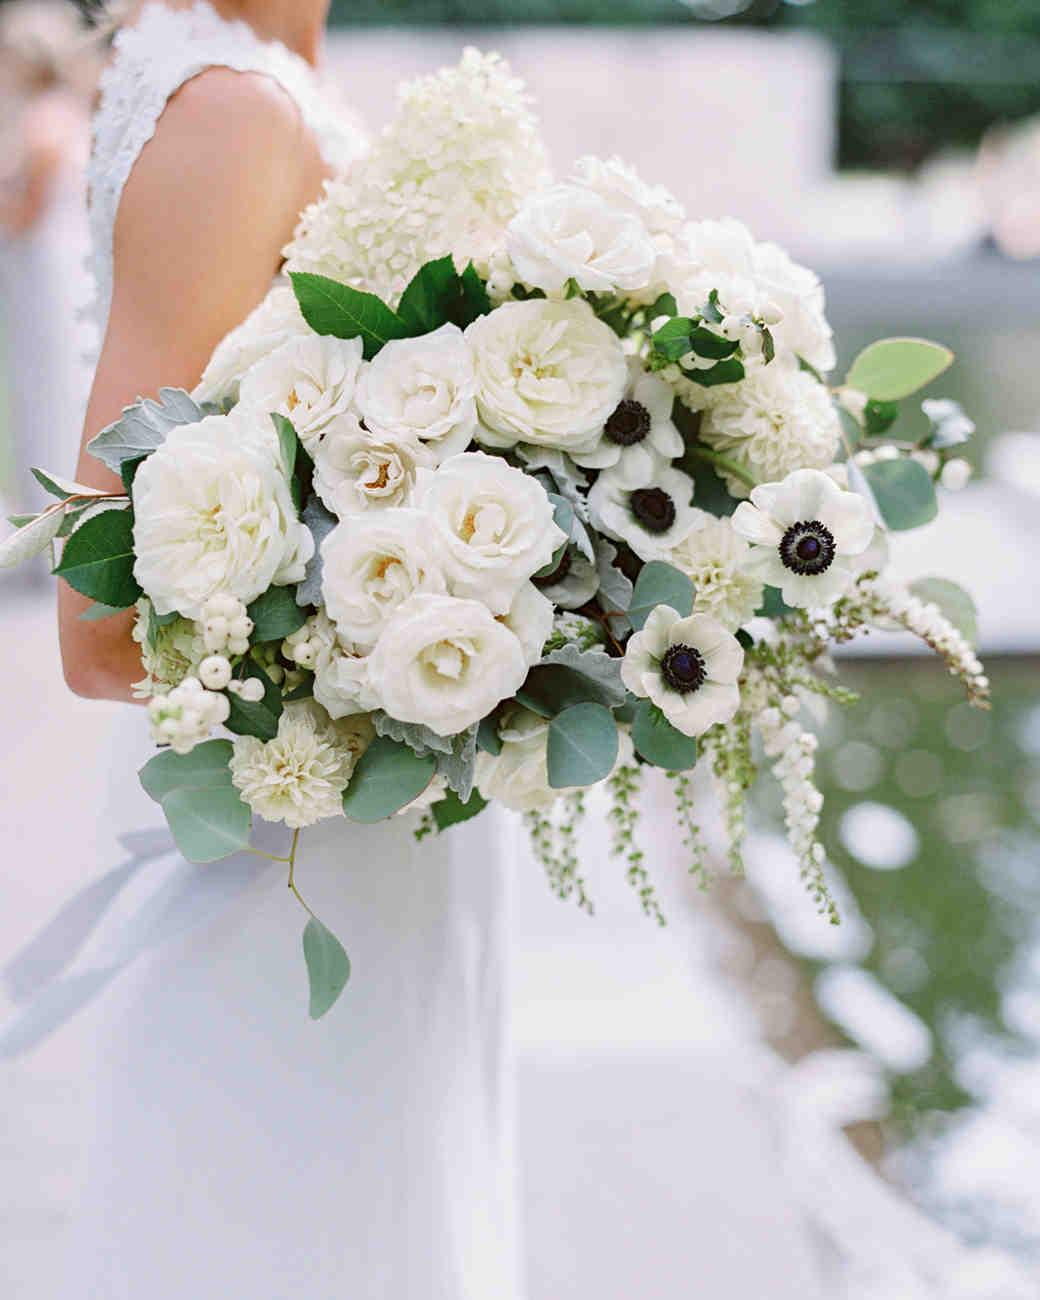 anemone bouquets stephanie brazzle